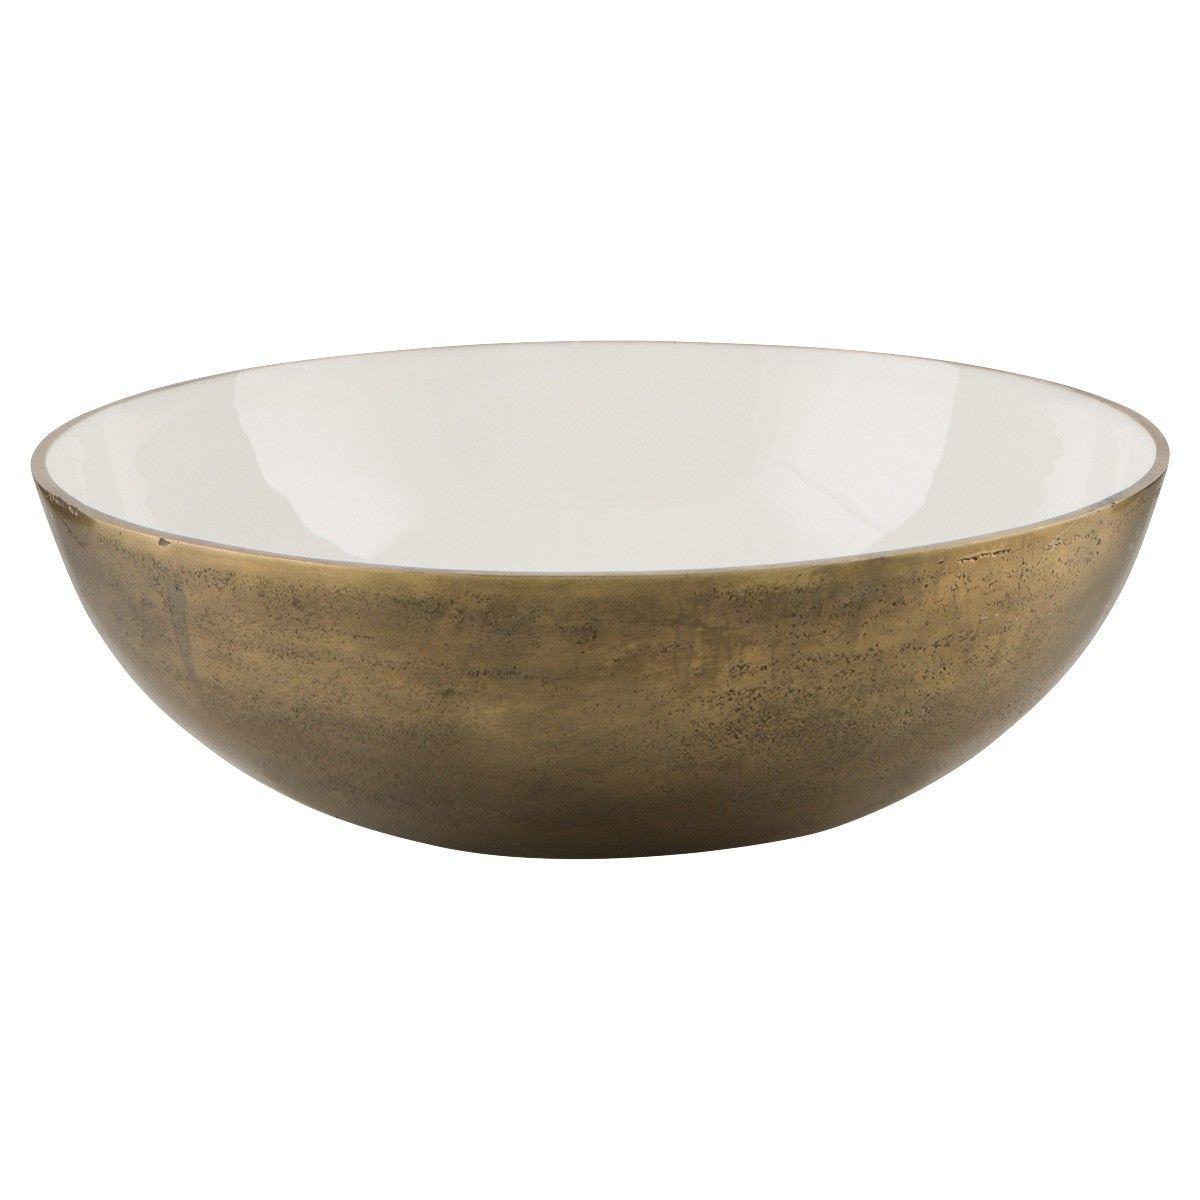 Baloney Enamelled Aluminium Round Bowl, Large, White/Gold